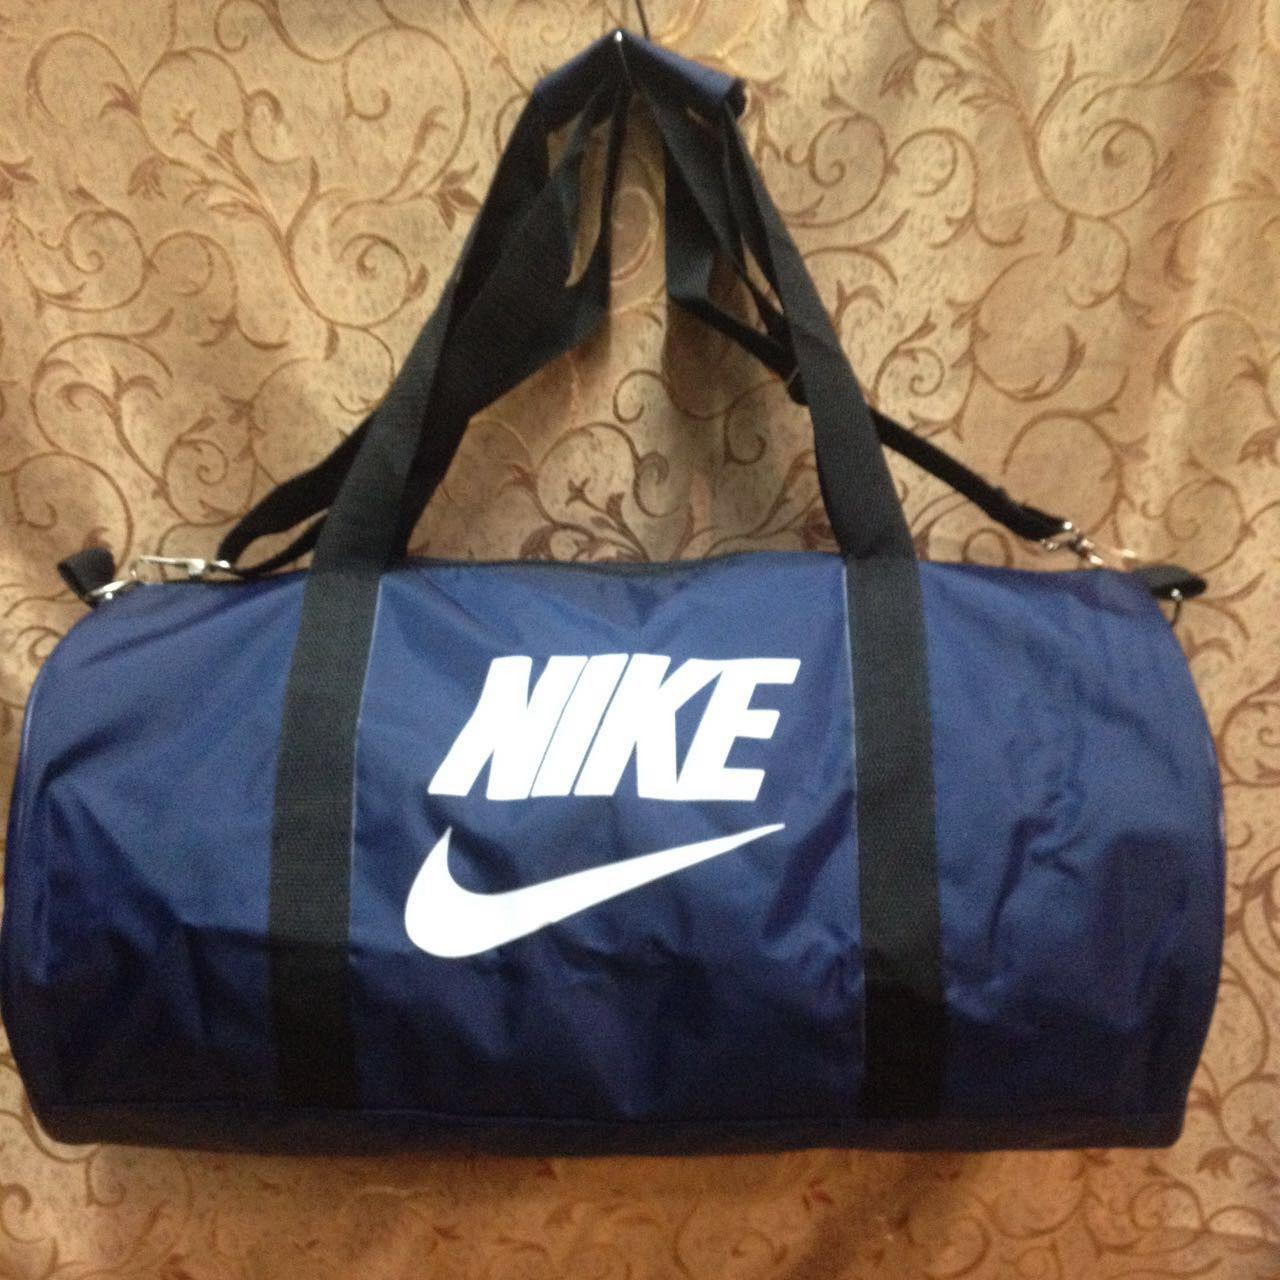 282187c455a9 Спортивная сумка-цилиндр Nike, Найк синяя с белым - Интернет-магазин